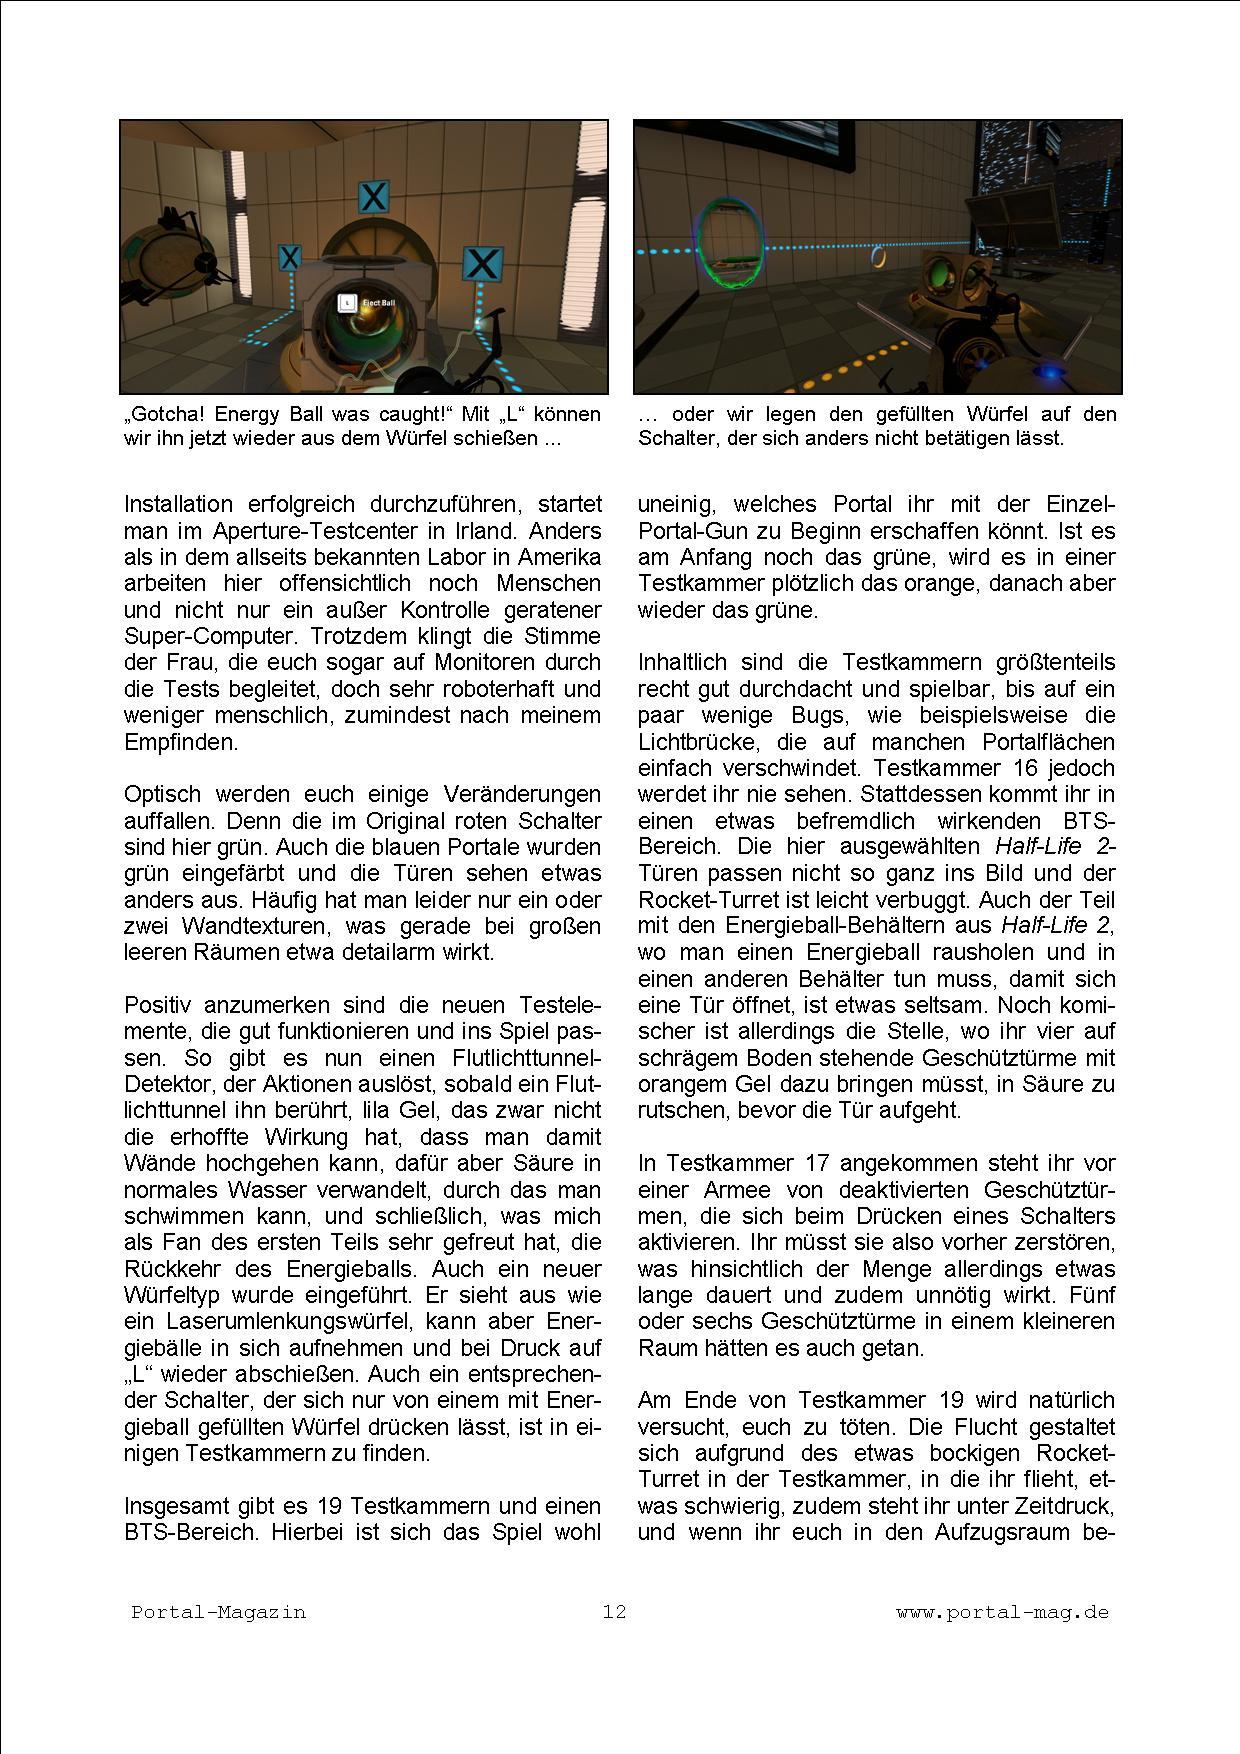 Ausgabe 12, Seite 12